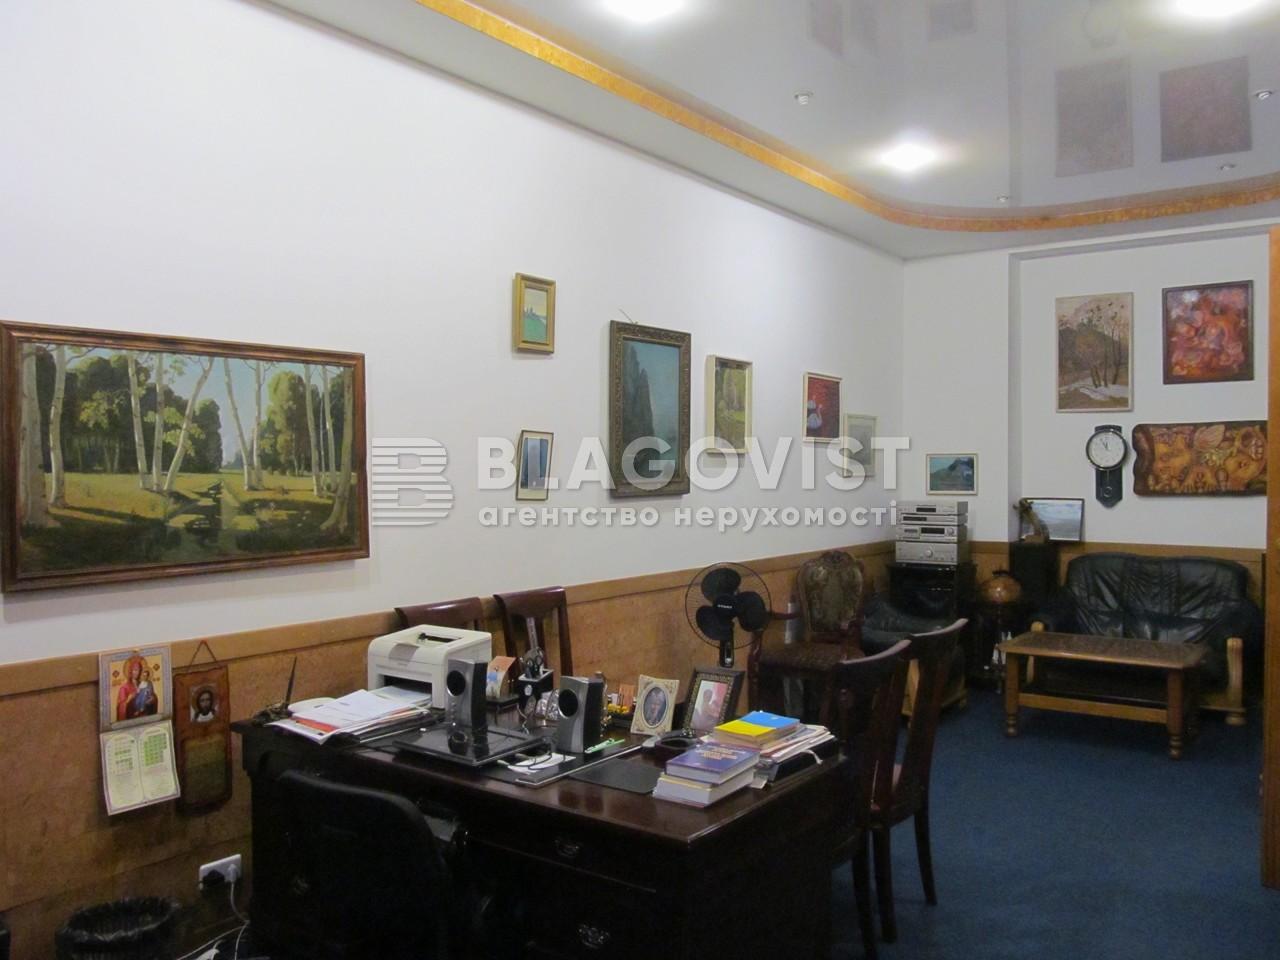 Нежитлове приміщення, H-35957, Січових Стрільців (Артема), Київ - Фото 4